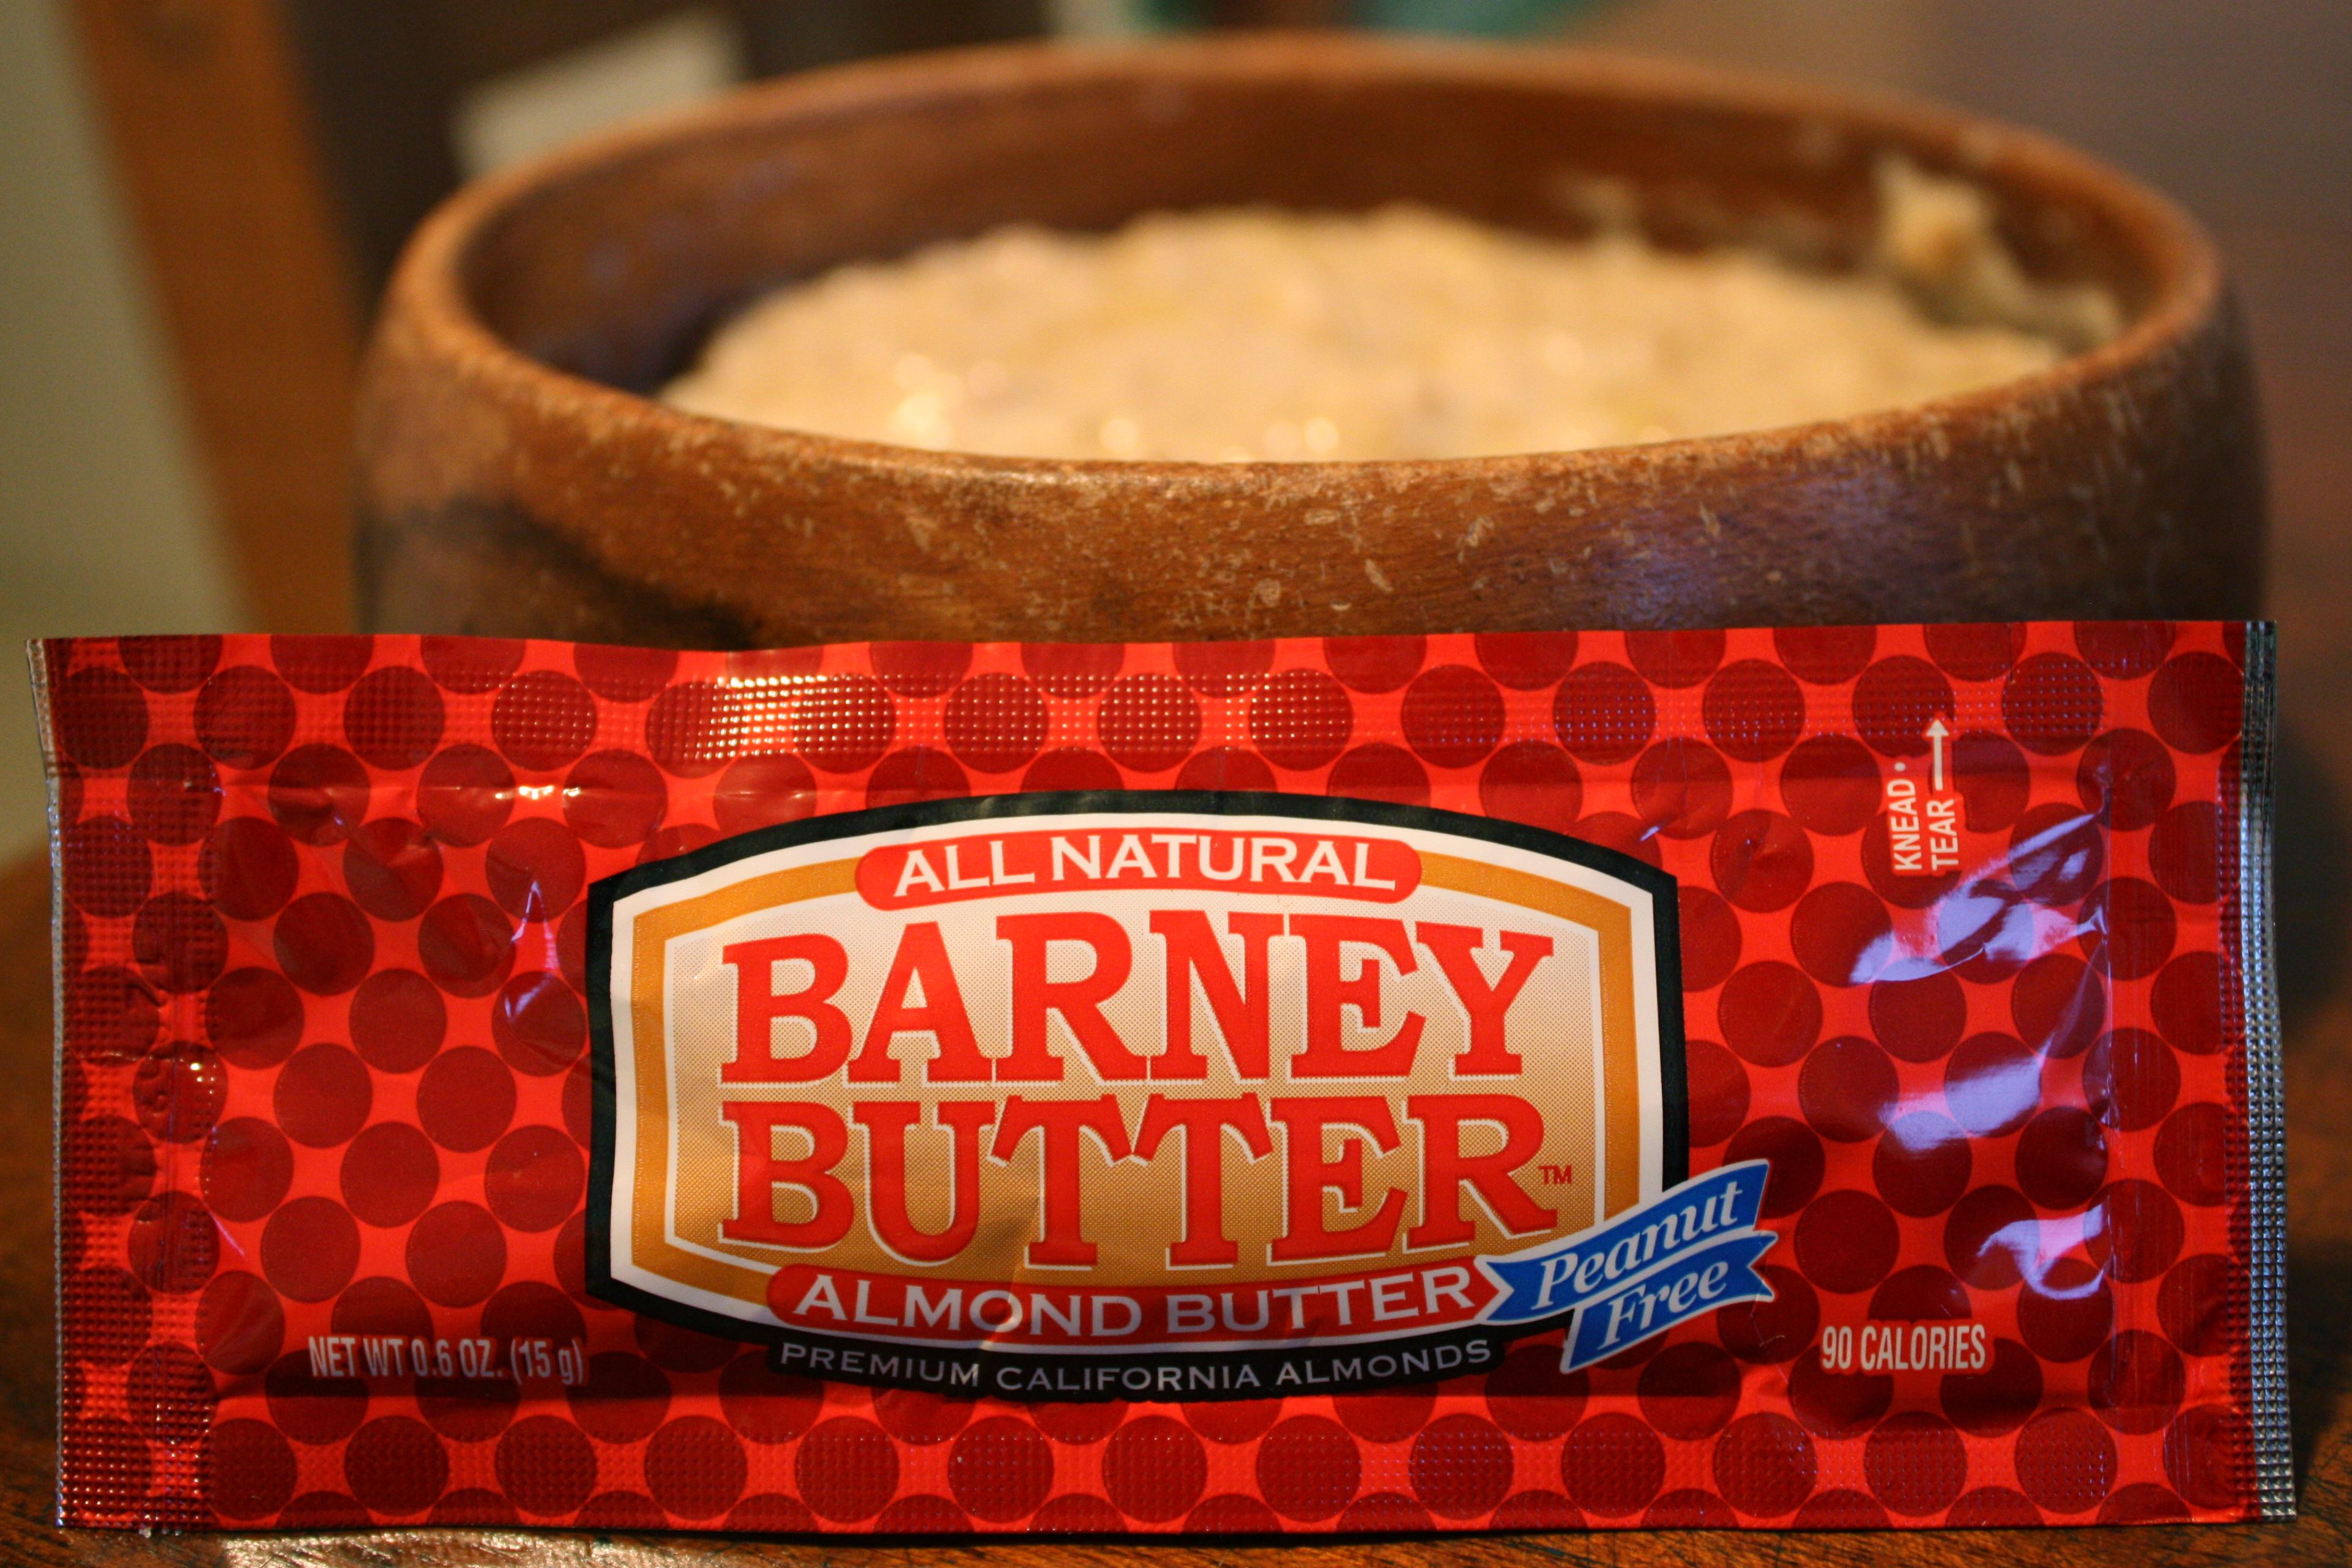 BARNEY BUTTER SAMPLES